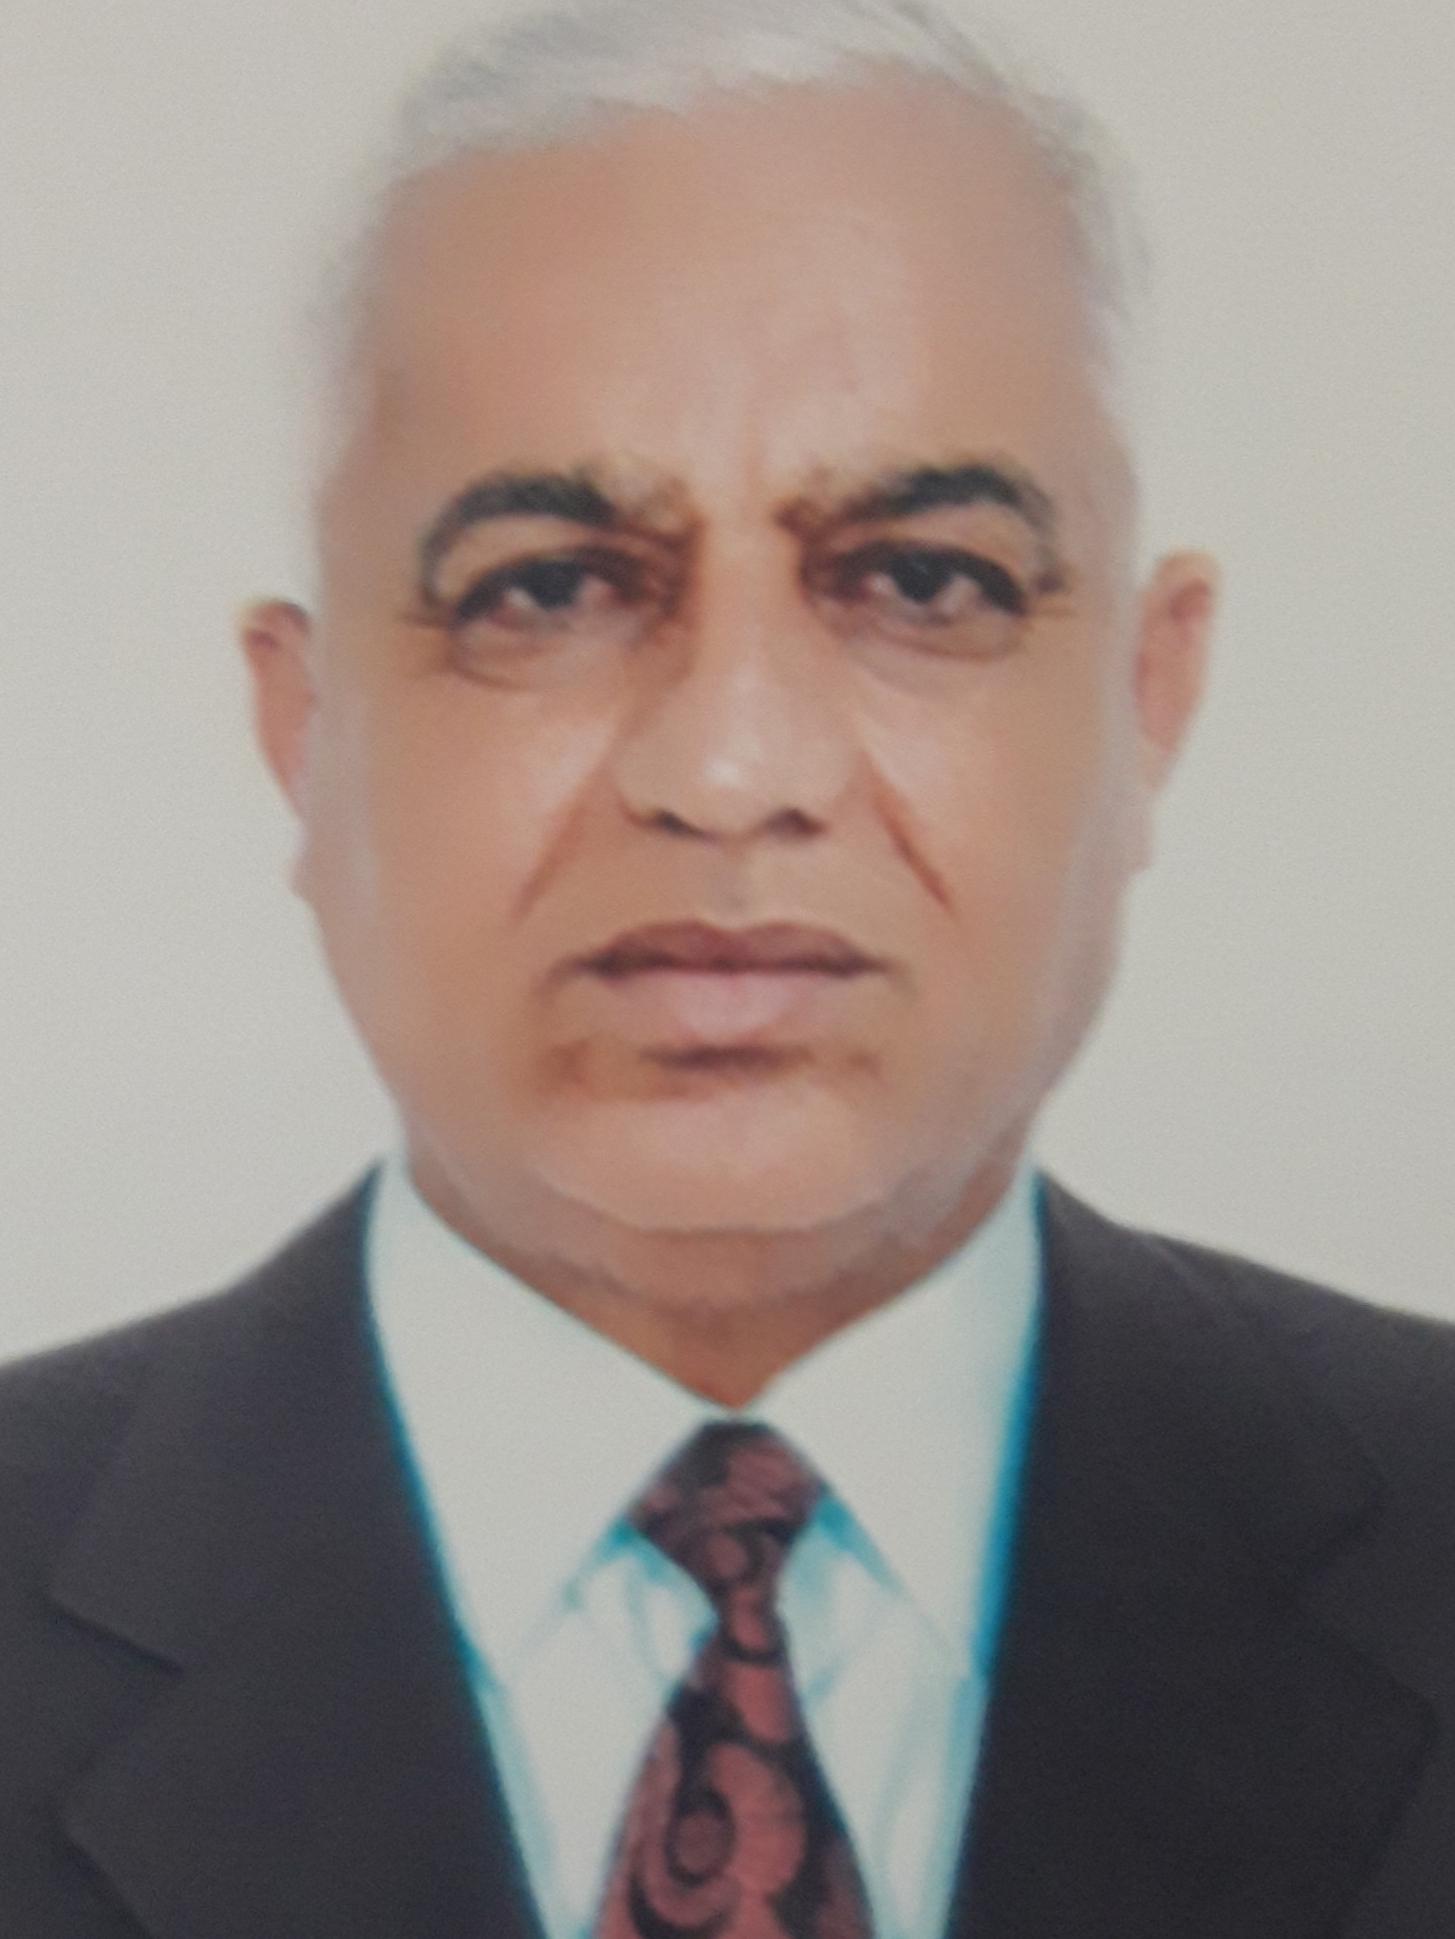 Sajad Abd Algany Abdullah